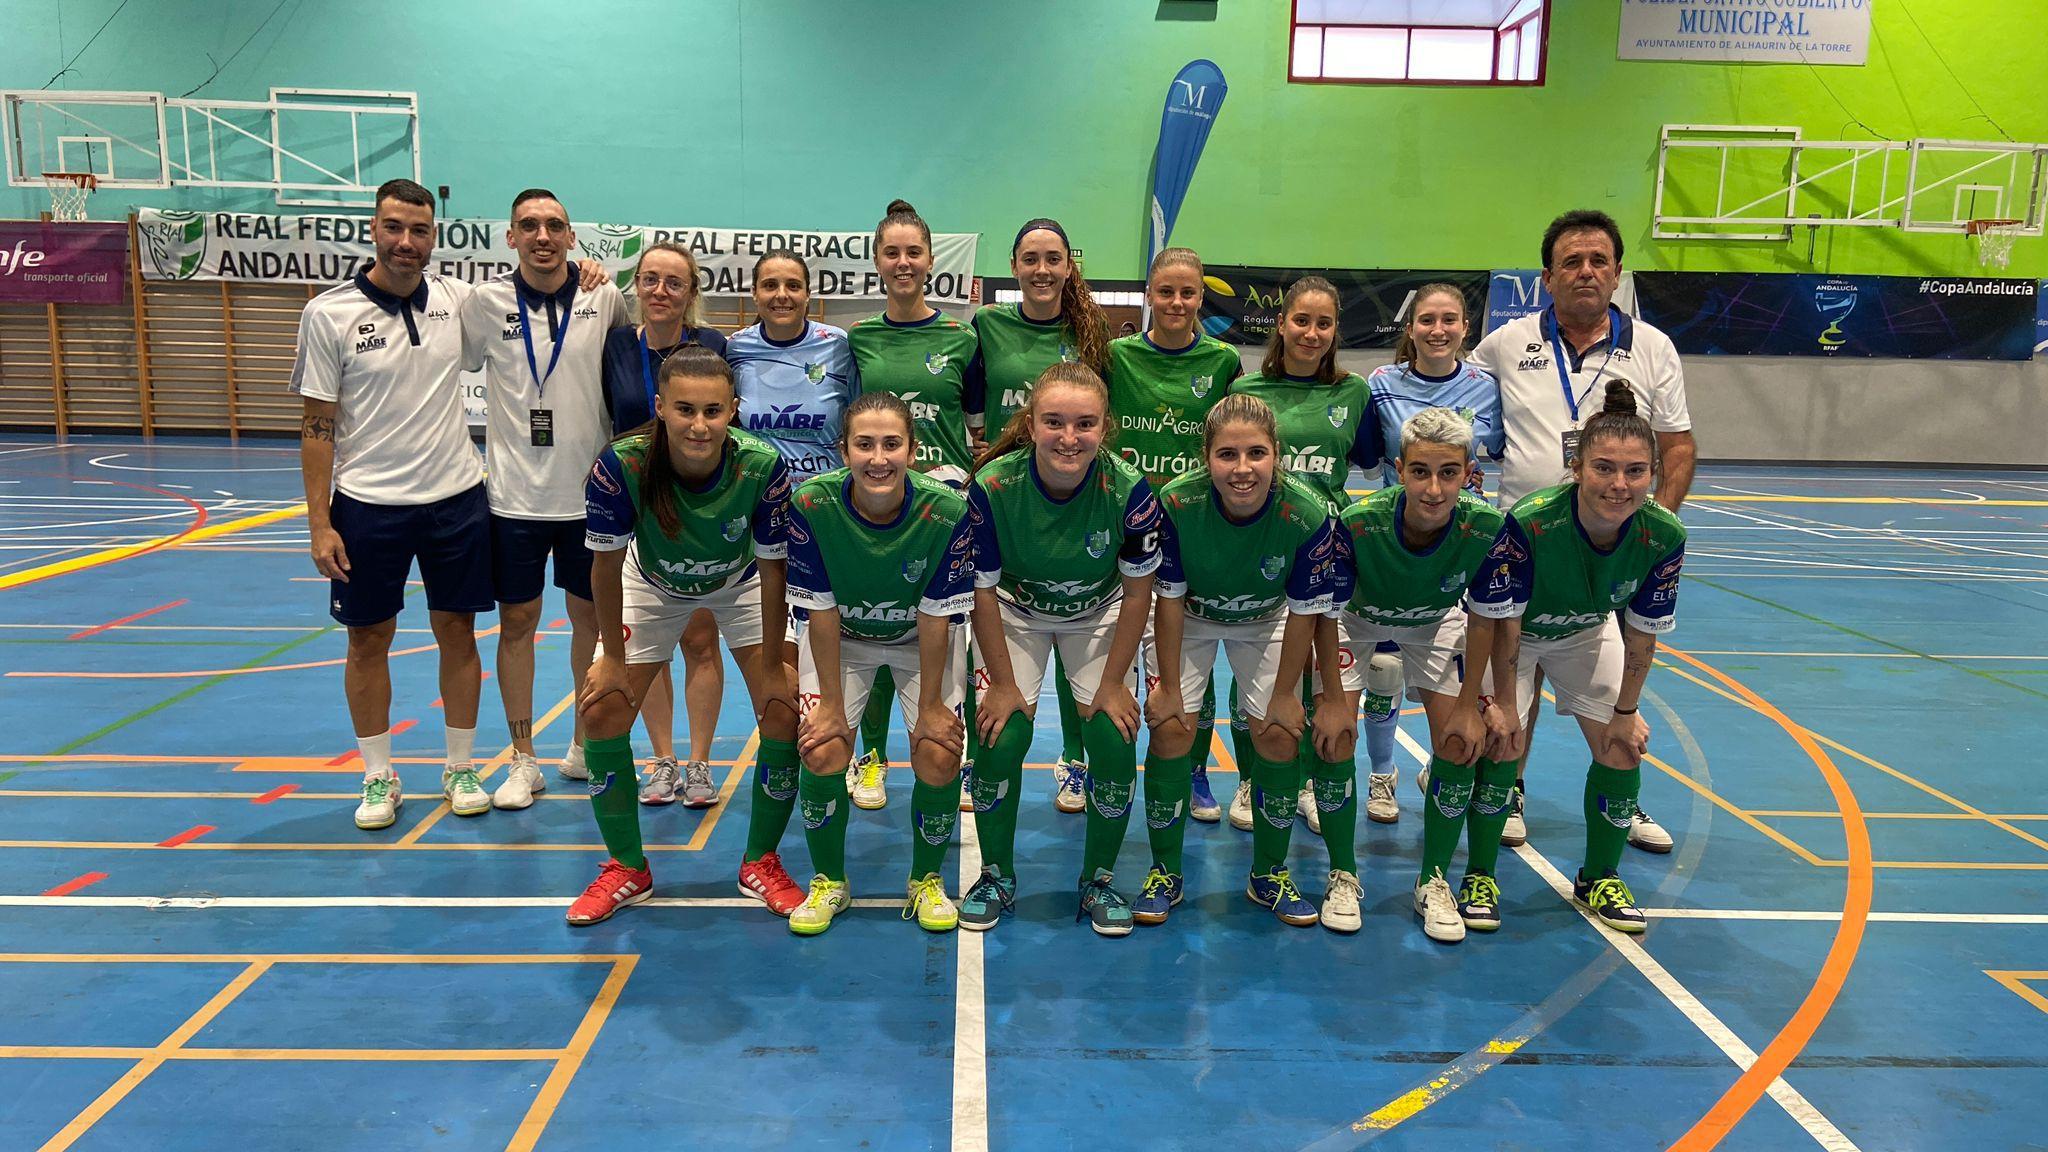 Inagroup Mabe Ejido Futsal mereció más en la semifinal de la Copa Andalucía ante Córdoba